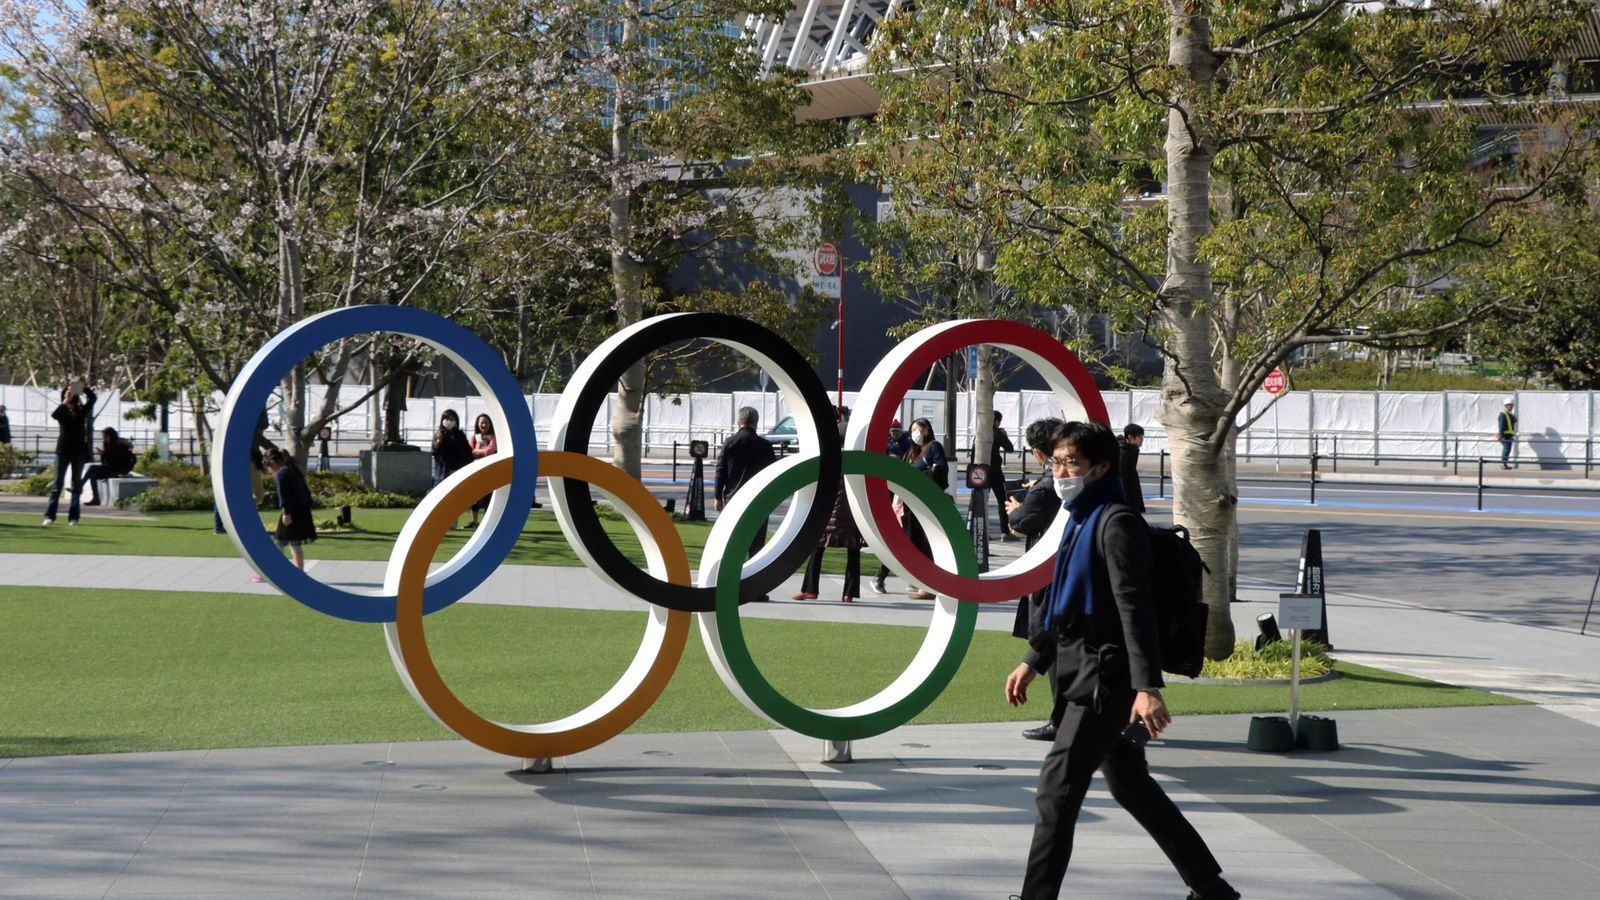 La nueva fecha de los Juegos Olímpicos de Tokio de 2021